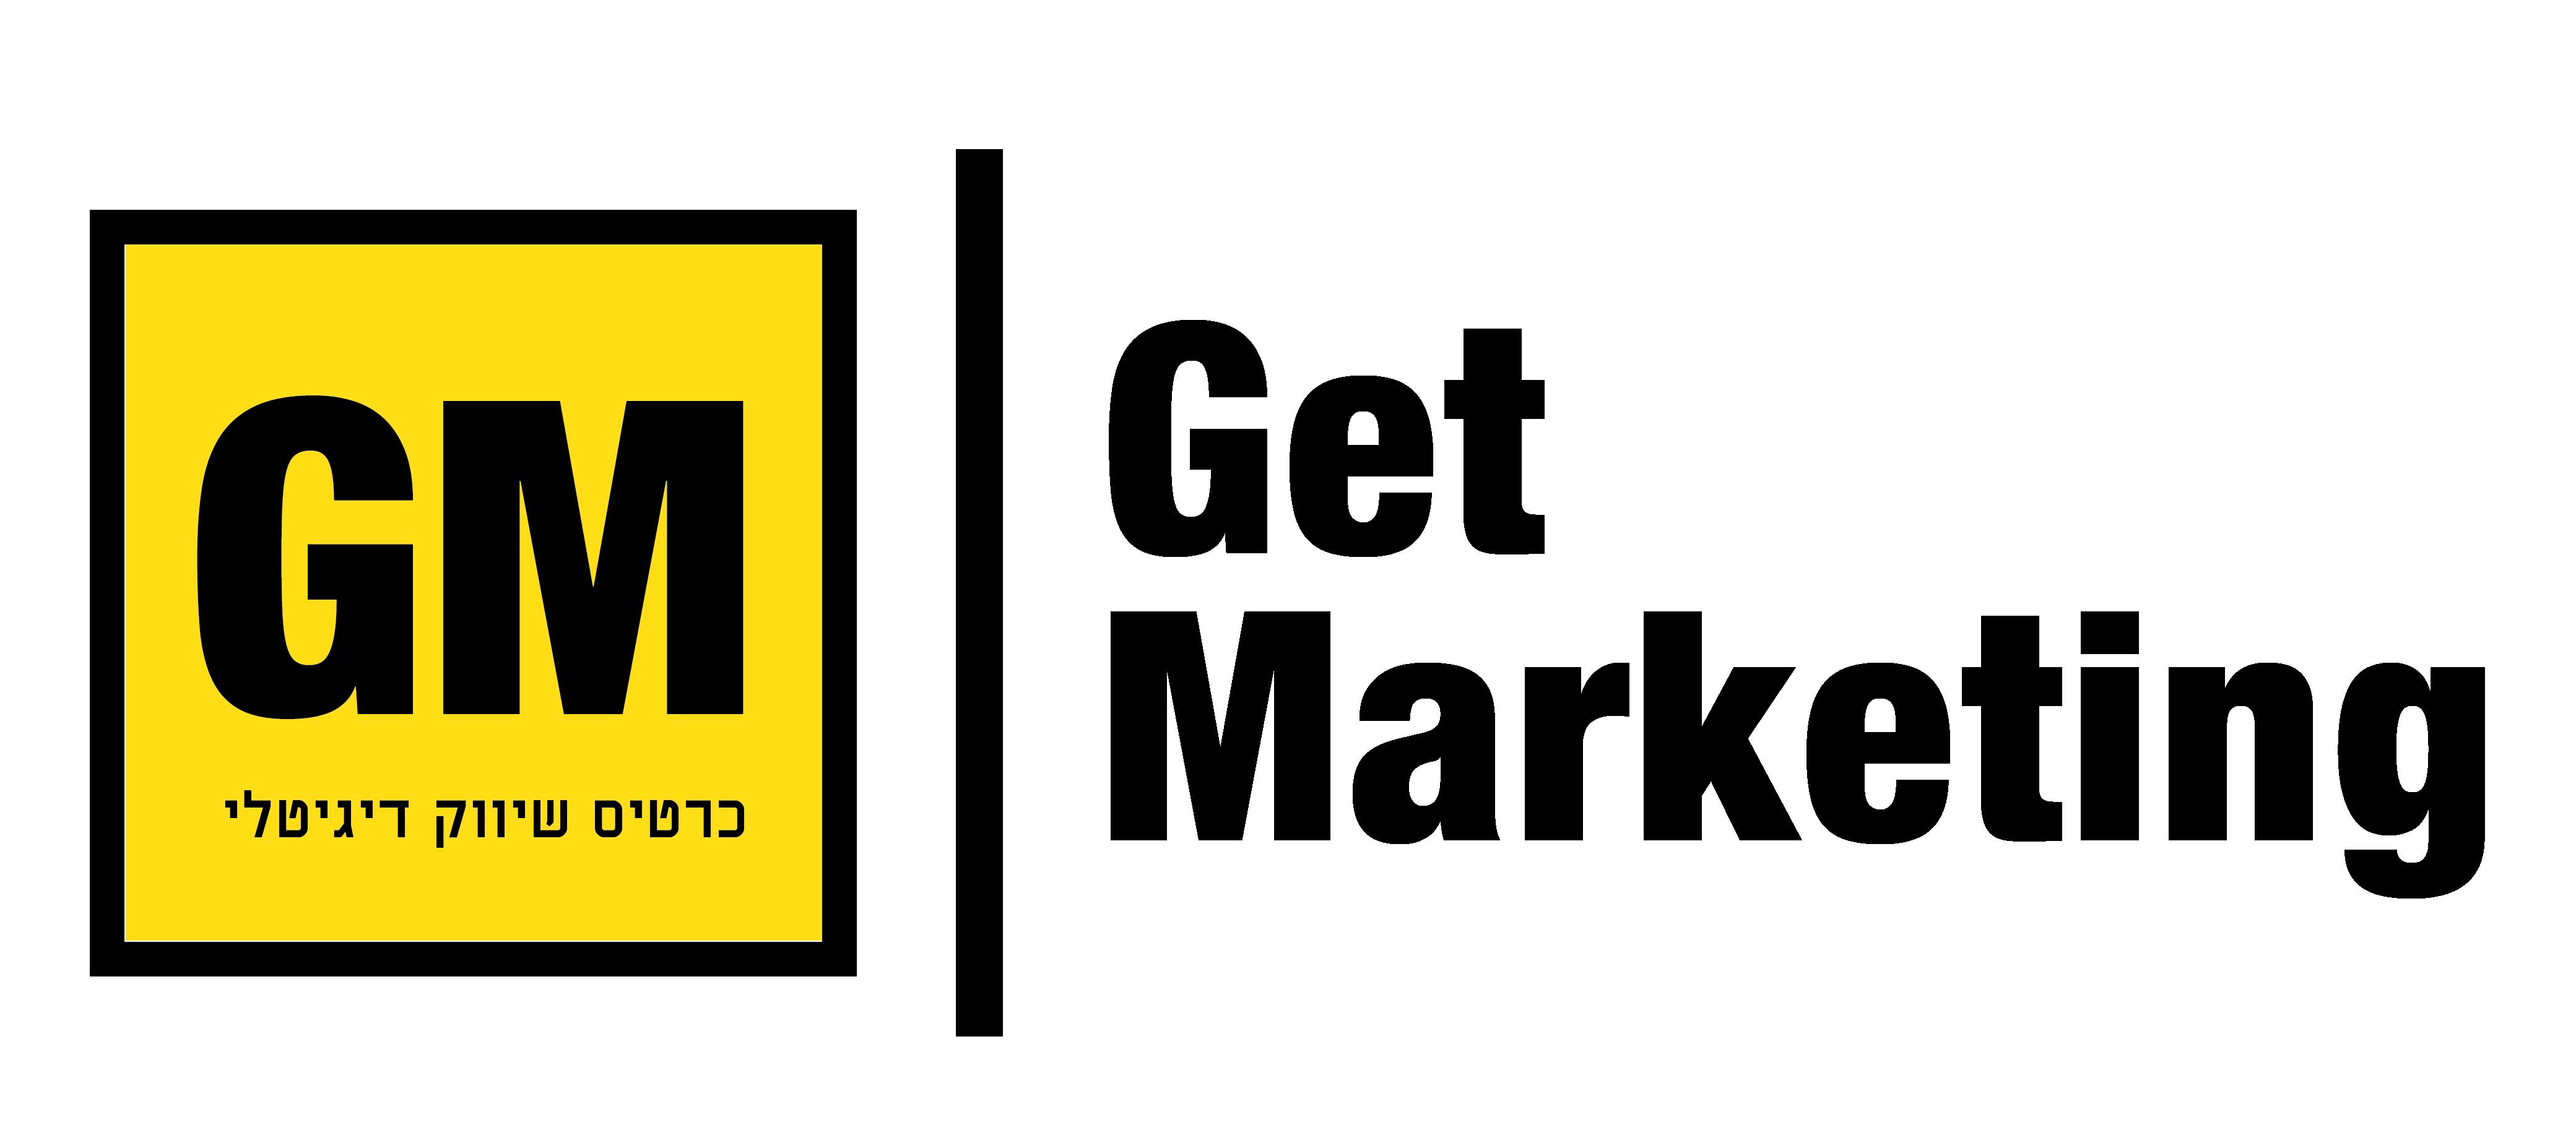 GM   כרטיס שיווק דיגיטלי   הקמה ועיצוב של כרטיסי שיווק דיגיטלים